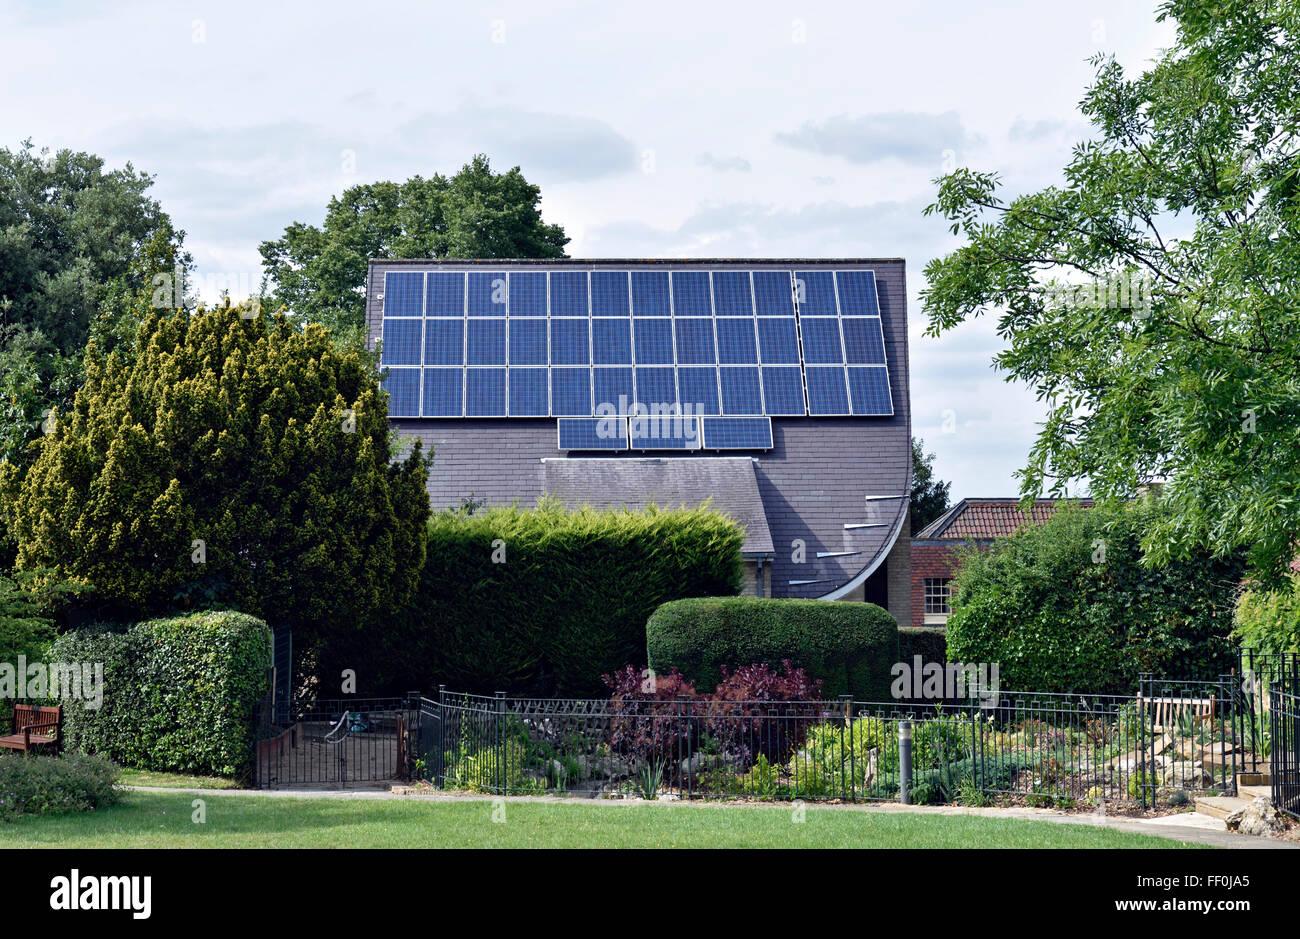 Paneles solares en el techo de la Iglesia Metodista de Muswell Hill con jardín en frente, London Borough of Imagen De Stock